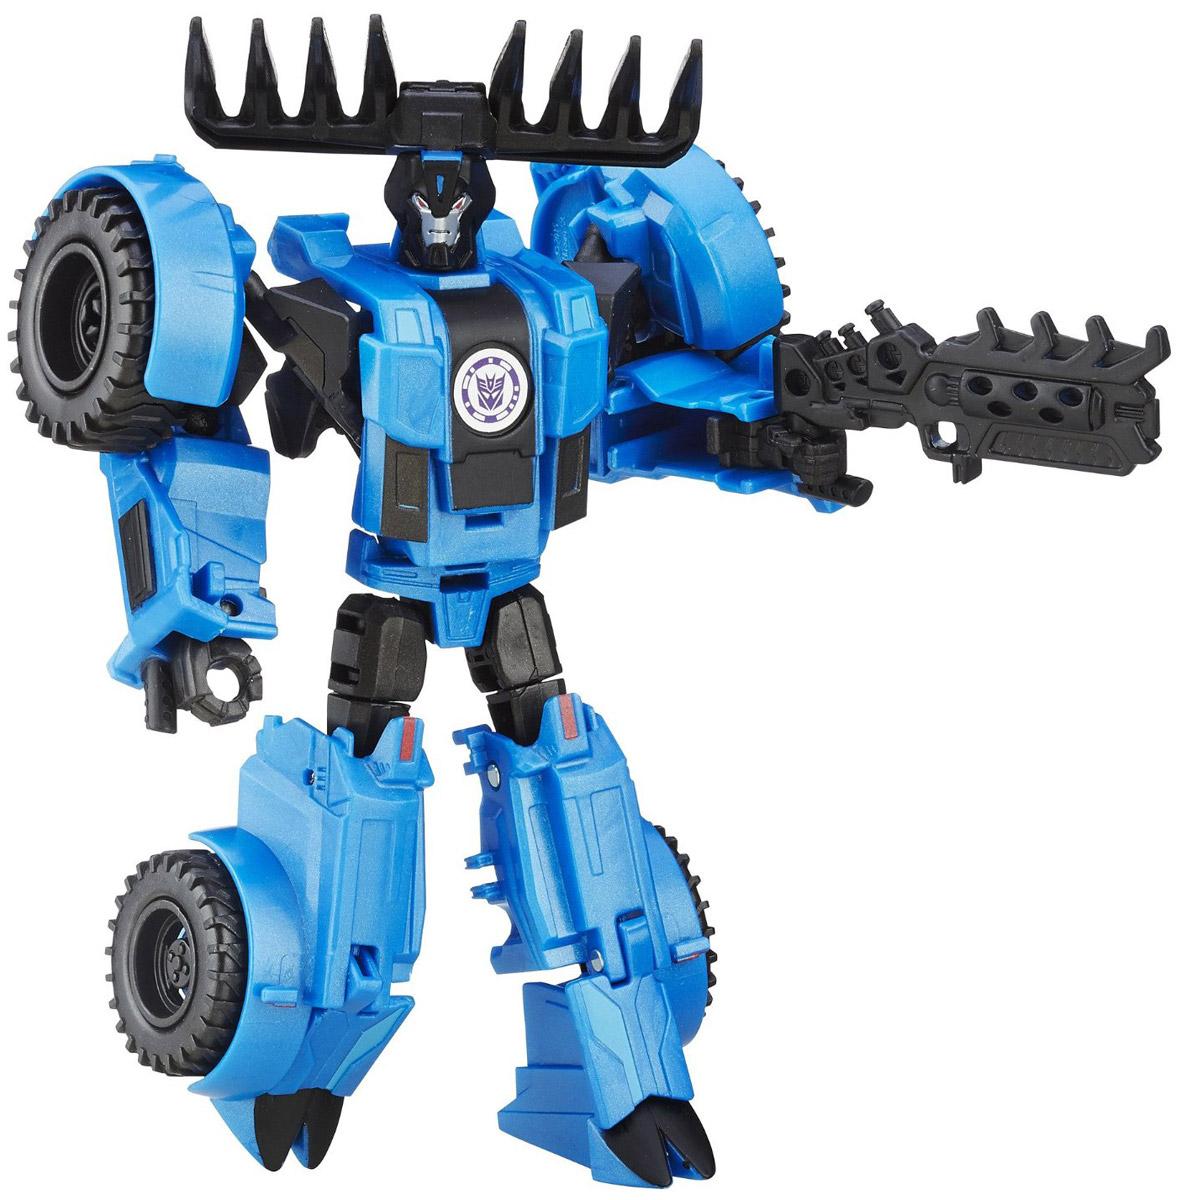 Transformers Трансформер ThunderhoofB0070_B5596Трансформер Transformers Thunderhoof обязательно привлечет внимание всех юных поклонников знаменитых Трансформеров! Фигурка выполнена из прочного пластика в виде трансформера-Thunderhoof. Руки и ноги робота подвижны. В несколько простых шагов малыш сможет трансформировать фигурку робота в полноценную машину с двигающимися колесами. Ребенок с удовольствием будет играть с фигуркой, придумывая разные истории. Порадуйте его таким замечательным подарком! Соберите свою непобедимую команду трансформеров!